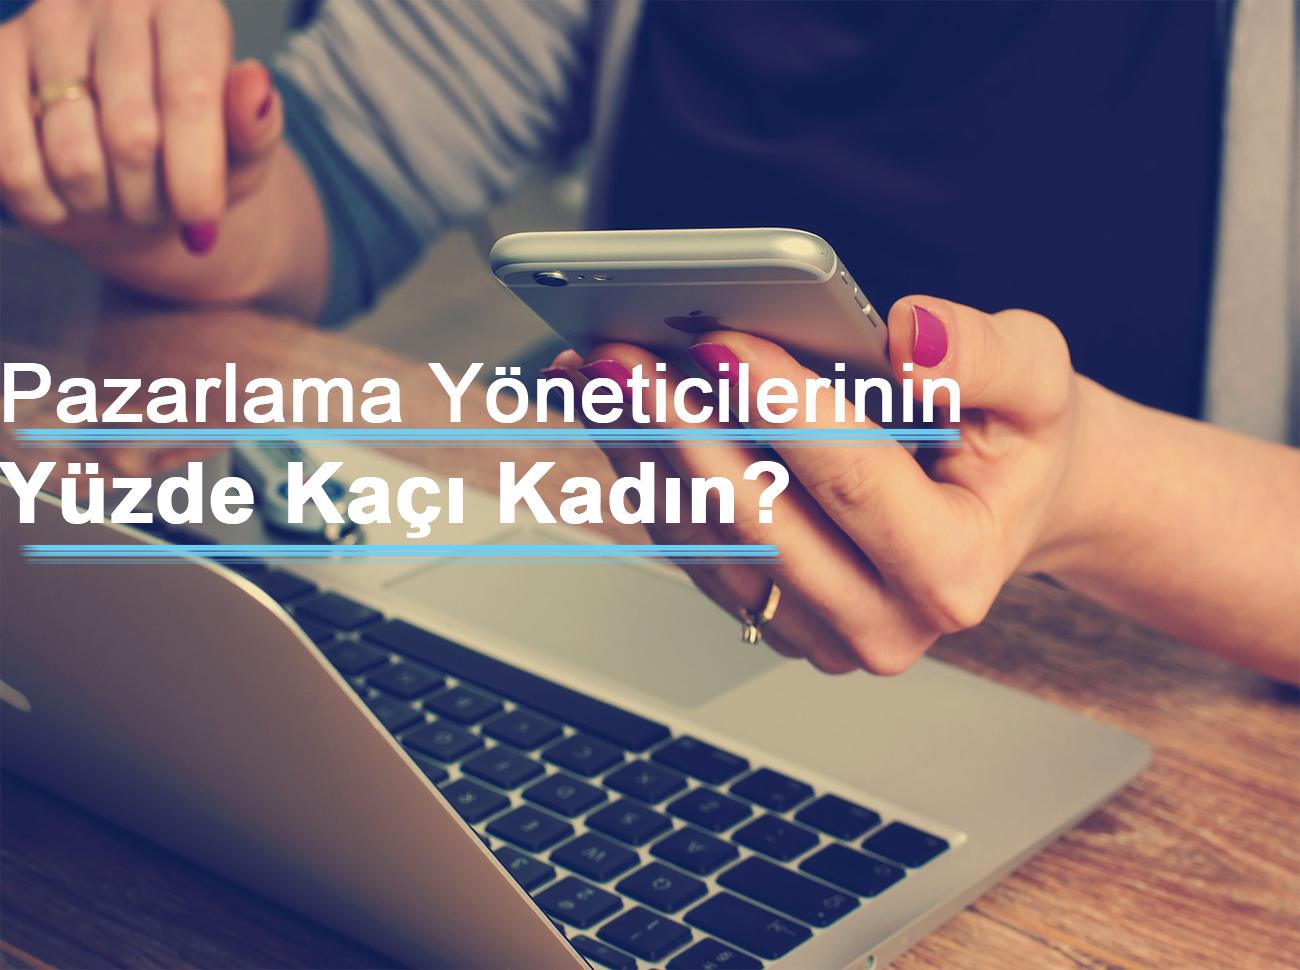 Türkiye'de Pazarlama Yöneticilerinin Yüzde Kaçı Kadın?